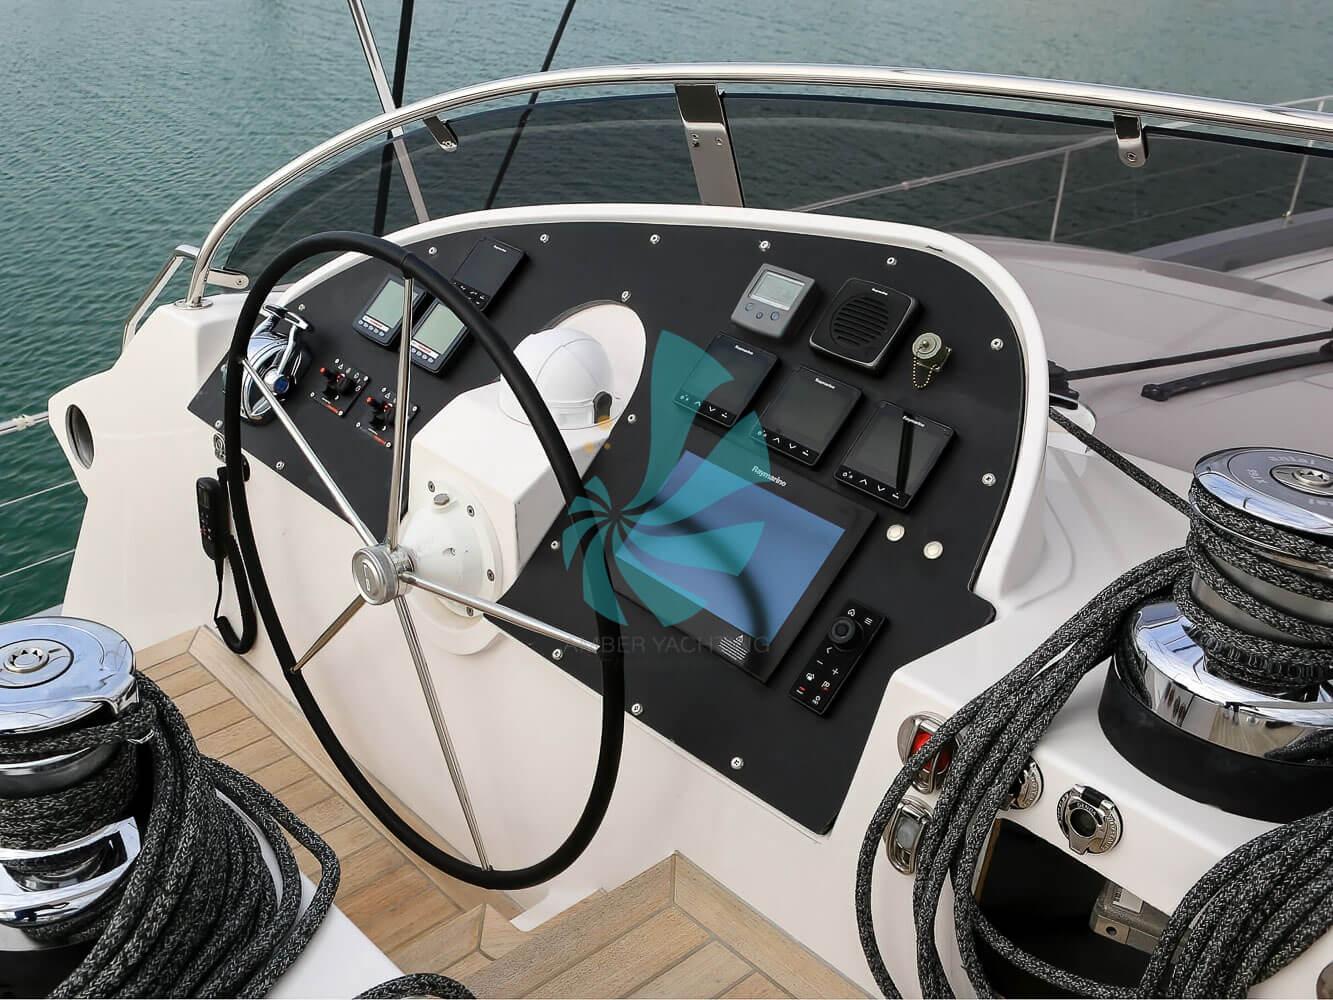 Catamaran a voile Privilege Série 6 poste de pilotage, a vendre chez www.amber-yachting.com